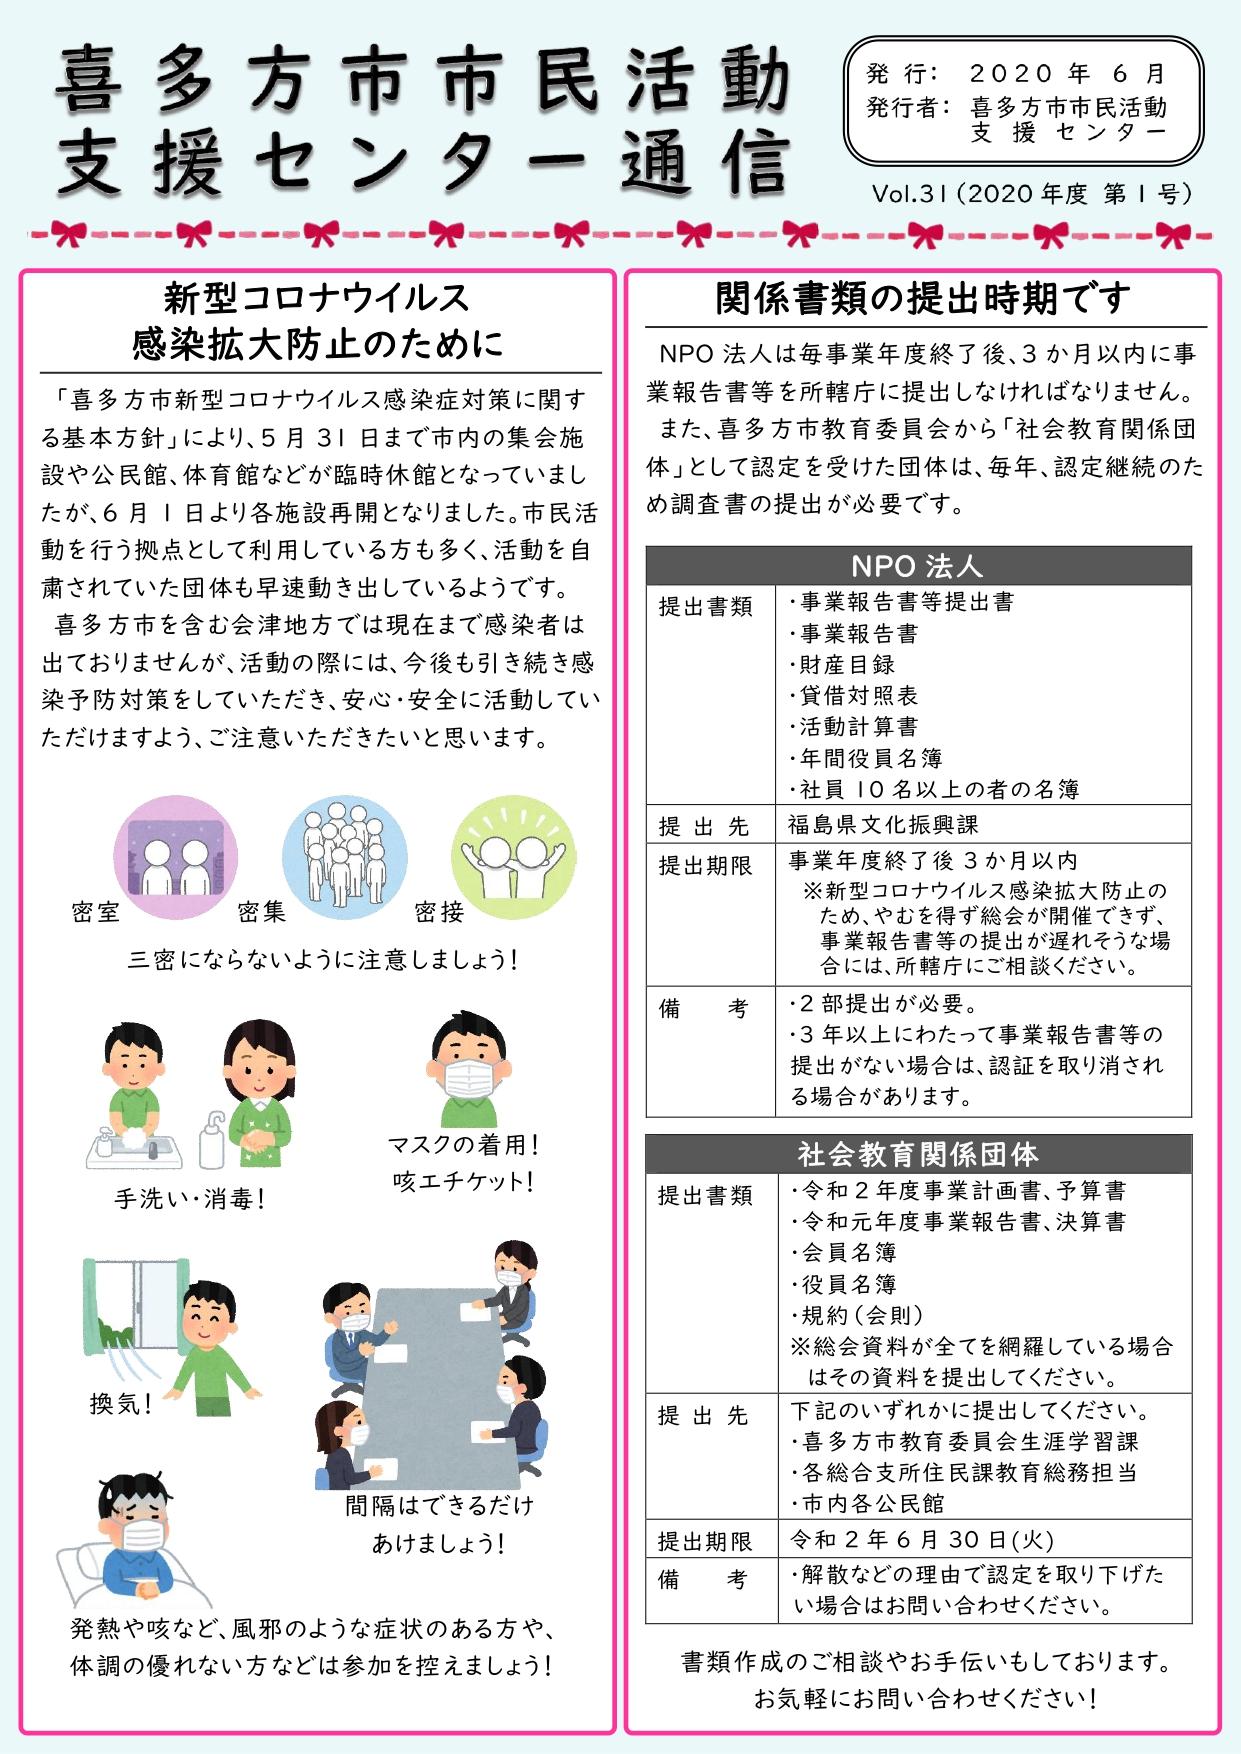 喜多方市市民活動支援センター通信 2020年度第1号(Vol.31)